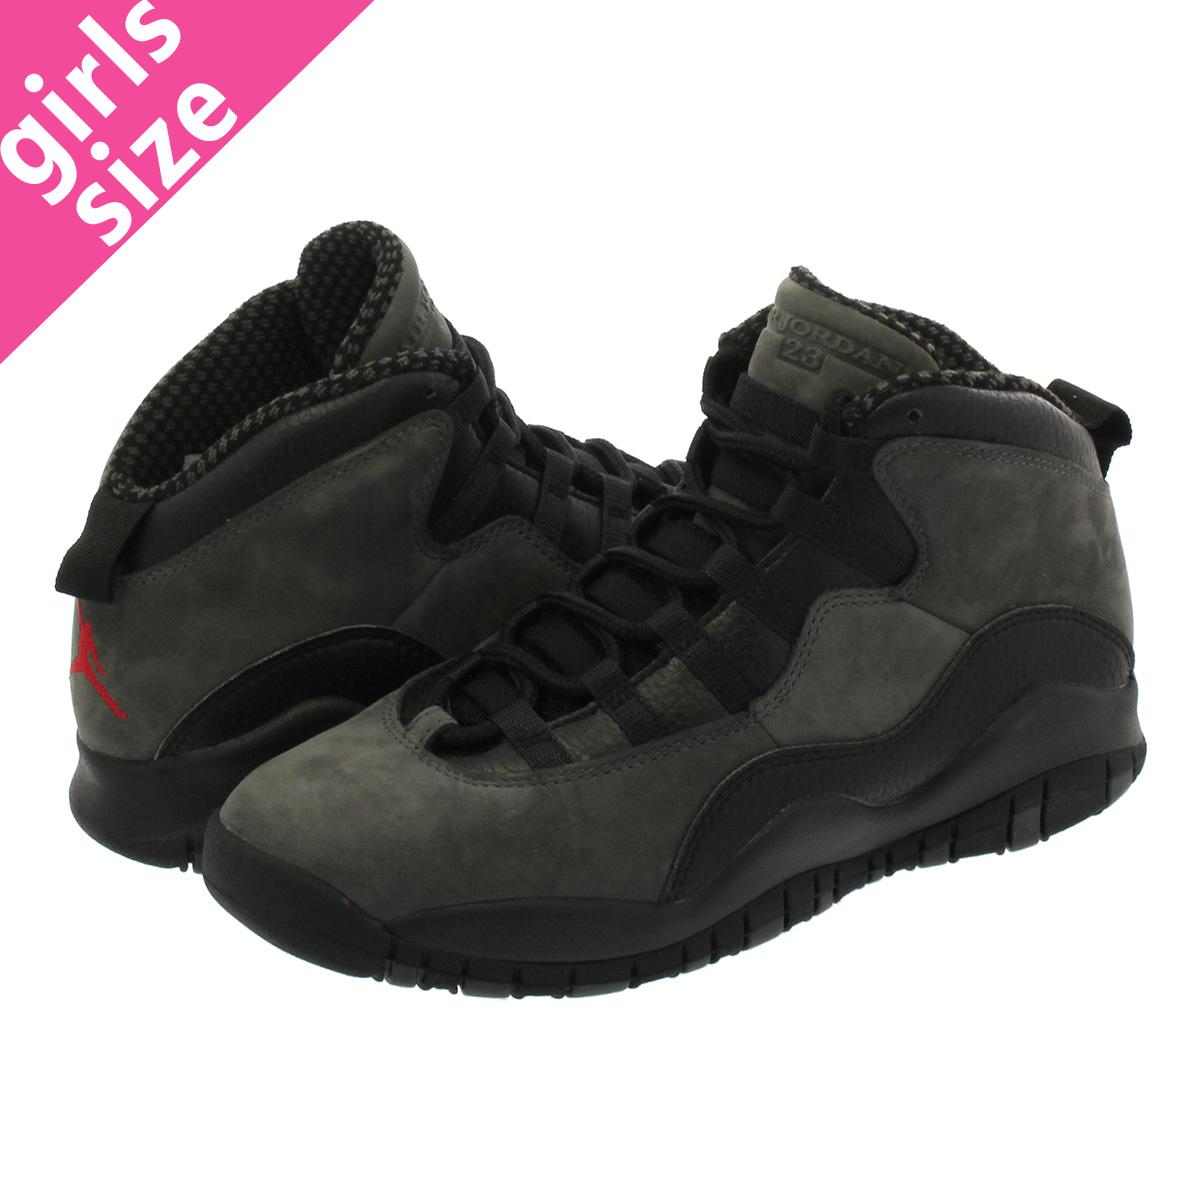 newest e2386 97efe NIKE AIR JORDAN 10 RETRO BG Nike Air Jordan 10 nostalgic BG DARK  SHADOW TRUE RED BLACK 310,806-002